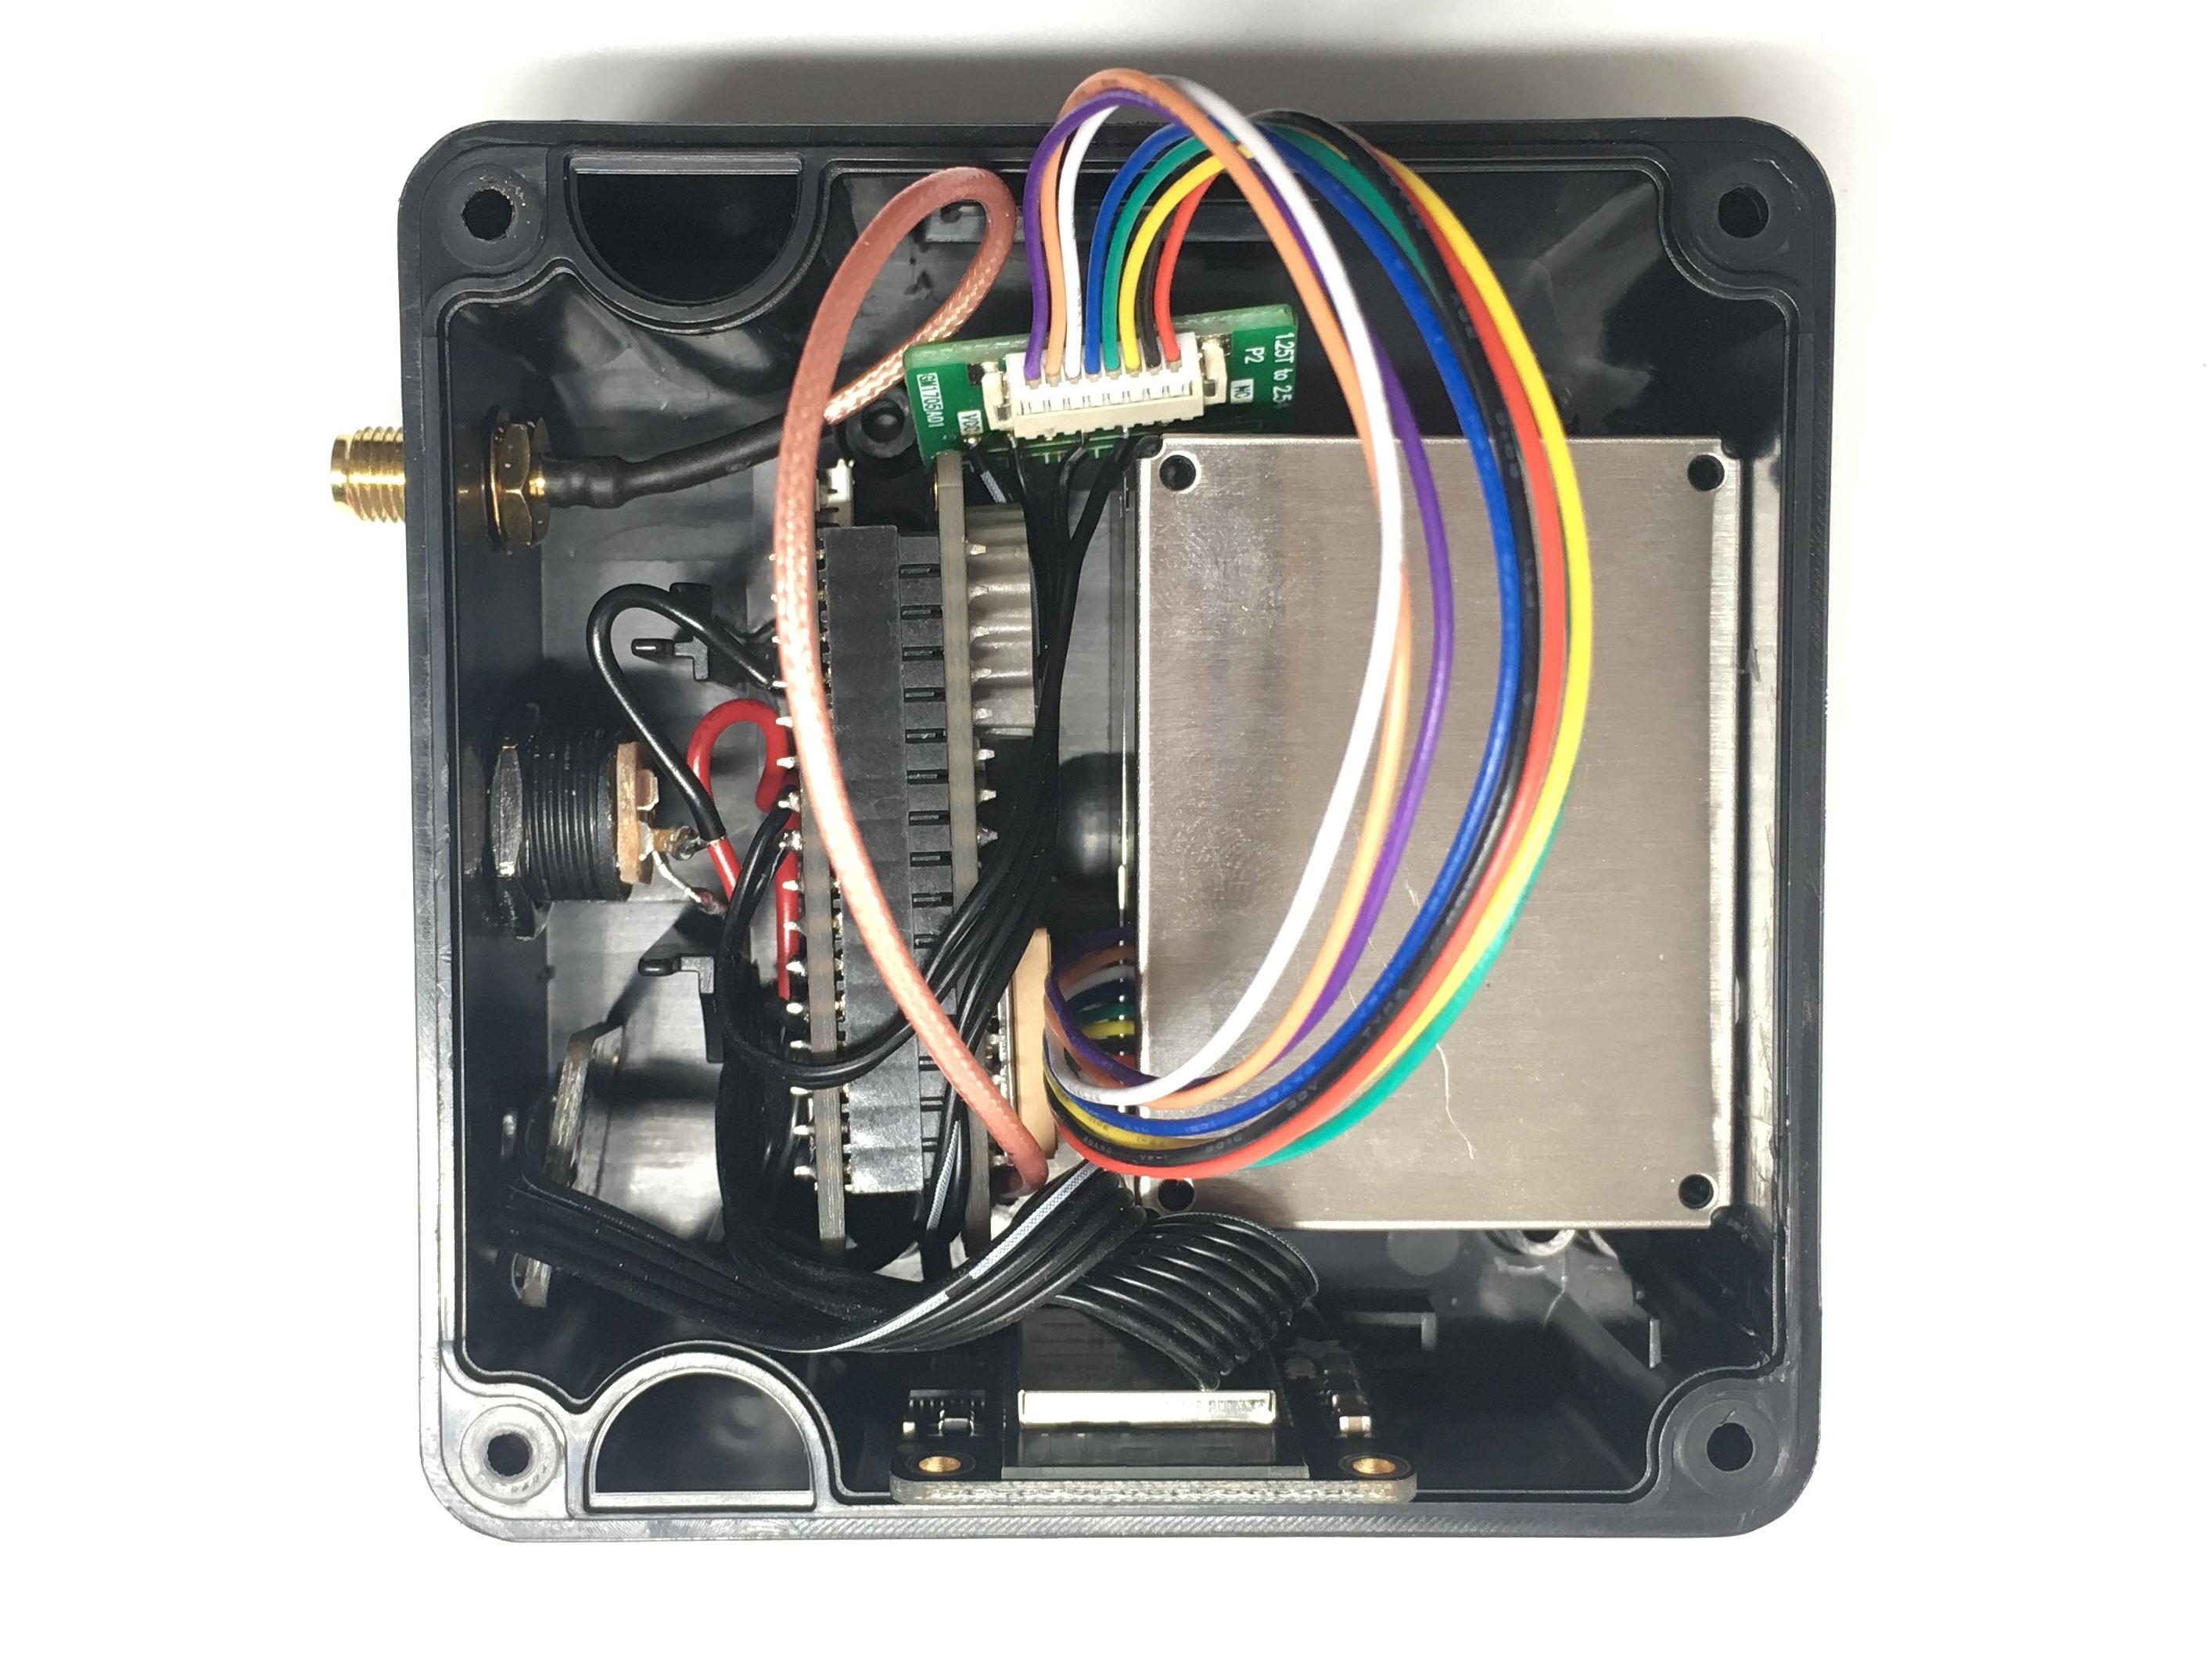 sensors_packed-in.jpg